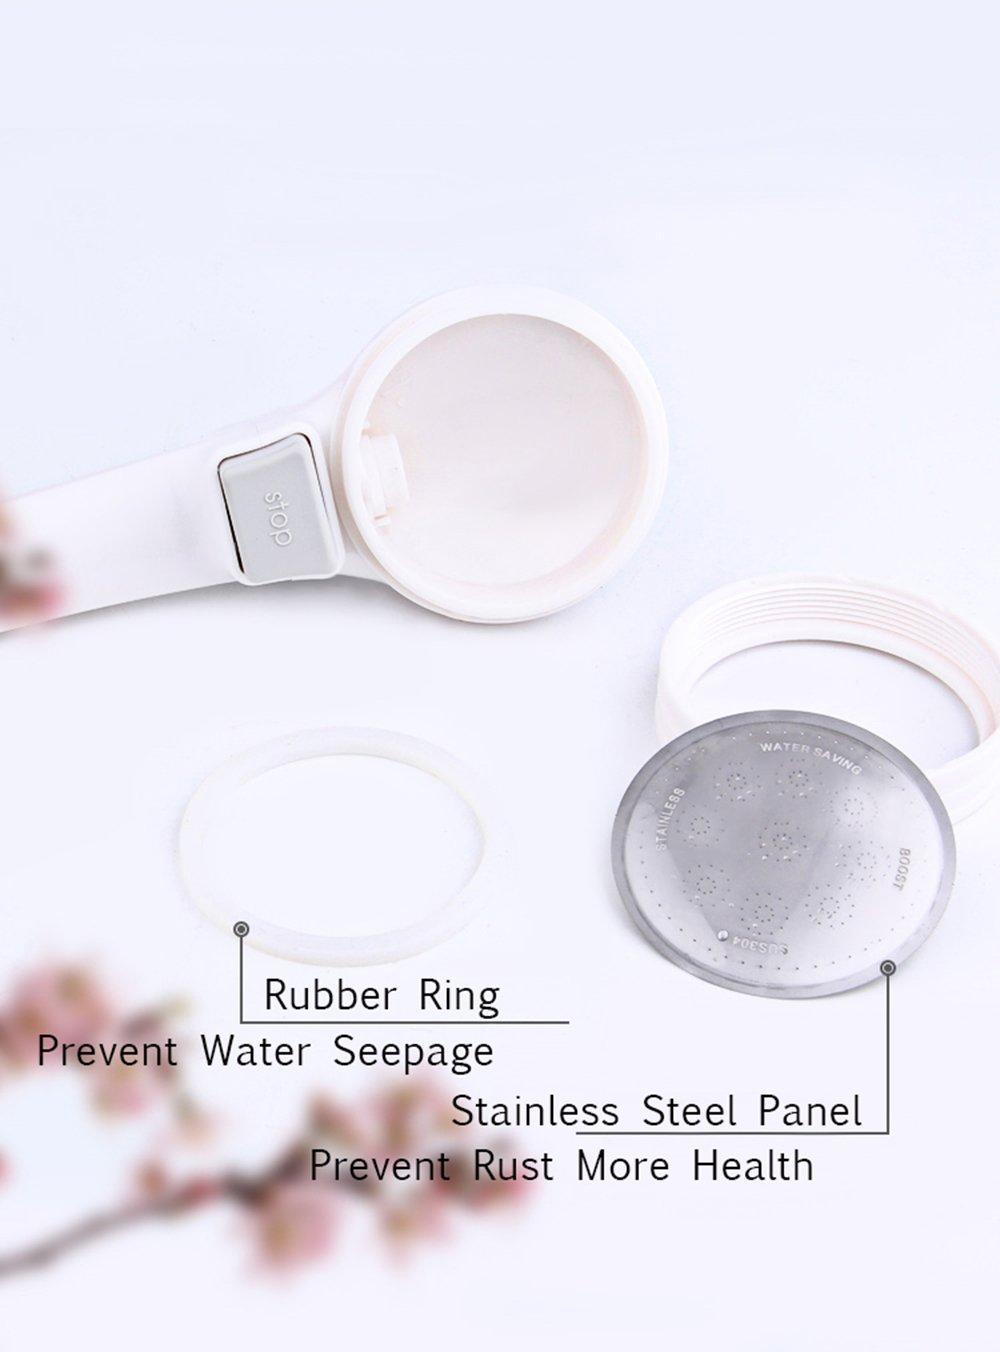 CherryKelly Cabezal de ducha de mano - Ahorro de agua a alta presiónalcachofa de ducha - Con botón de control ON/OFF - Plata: Amazon.es: Bricolaje y ...